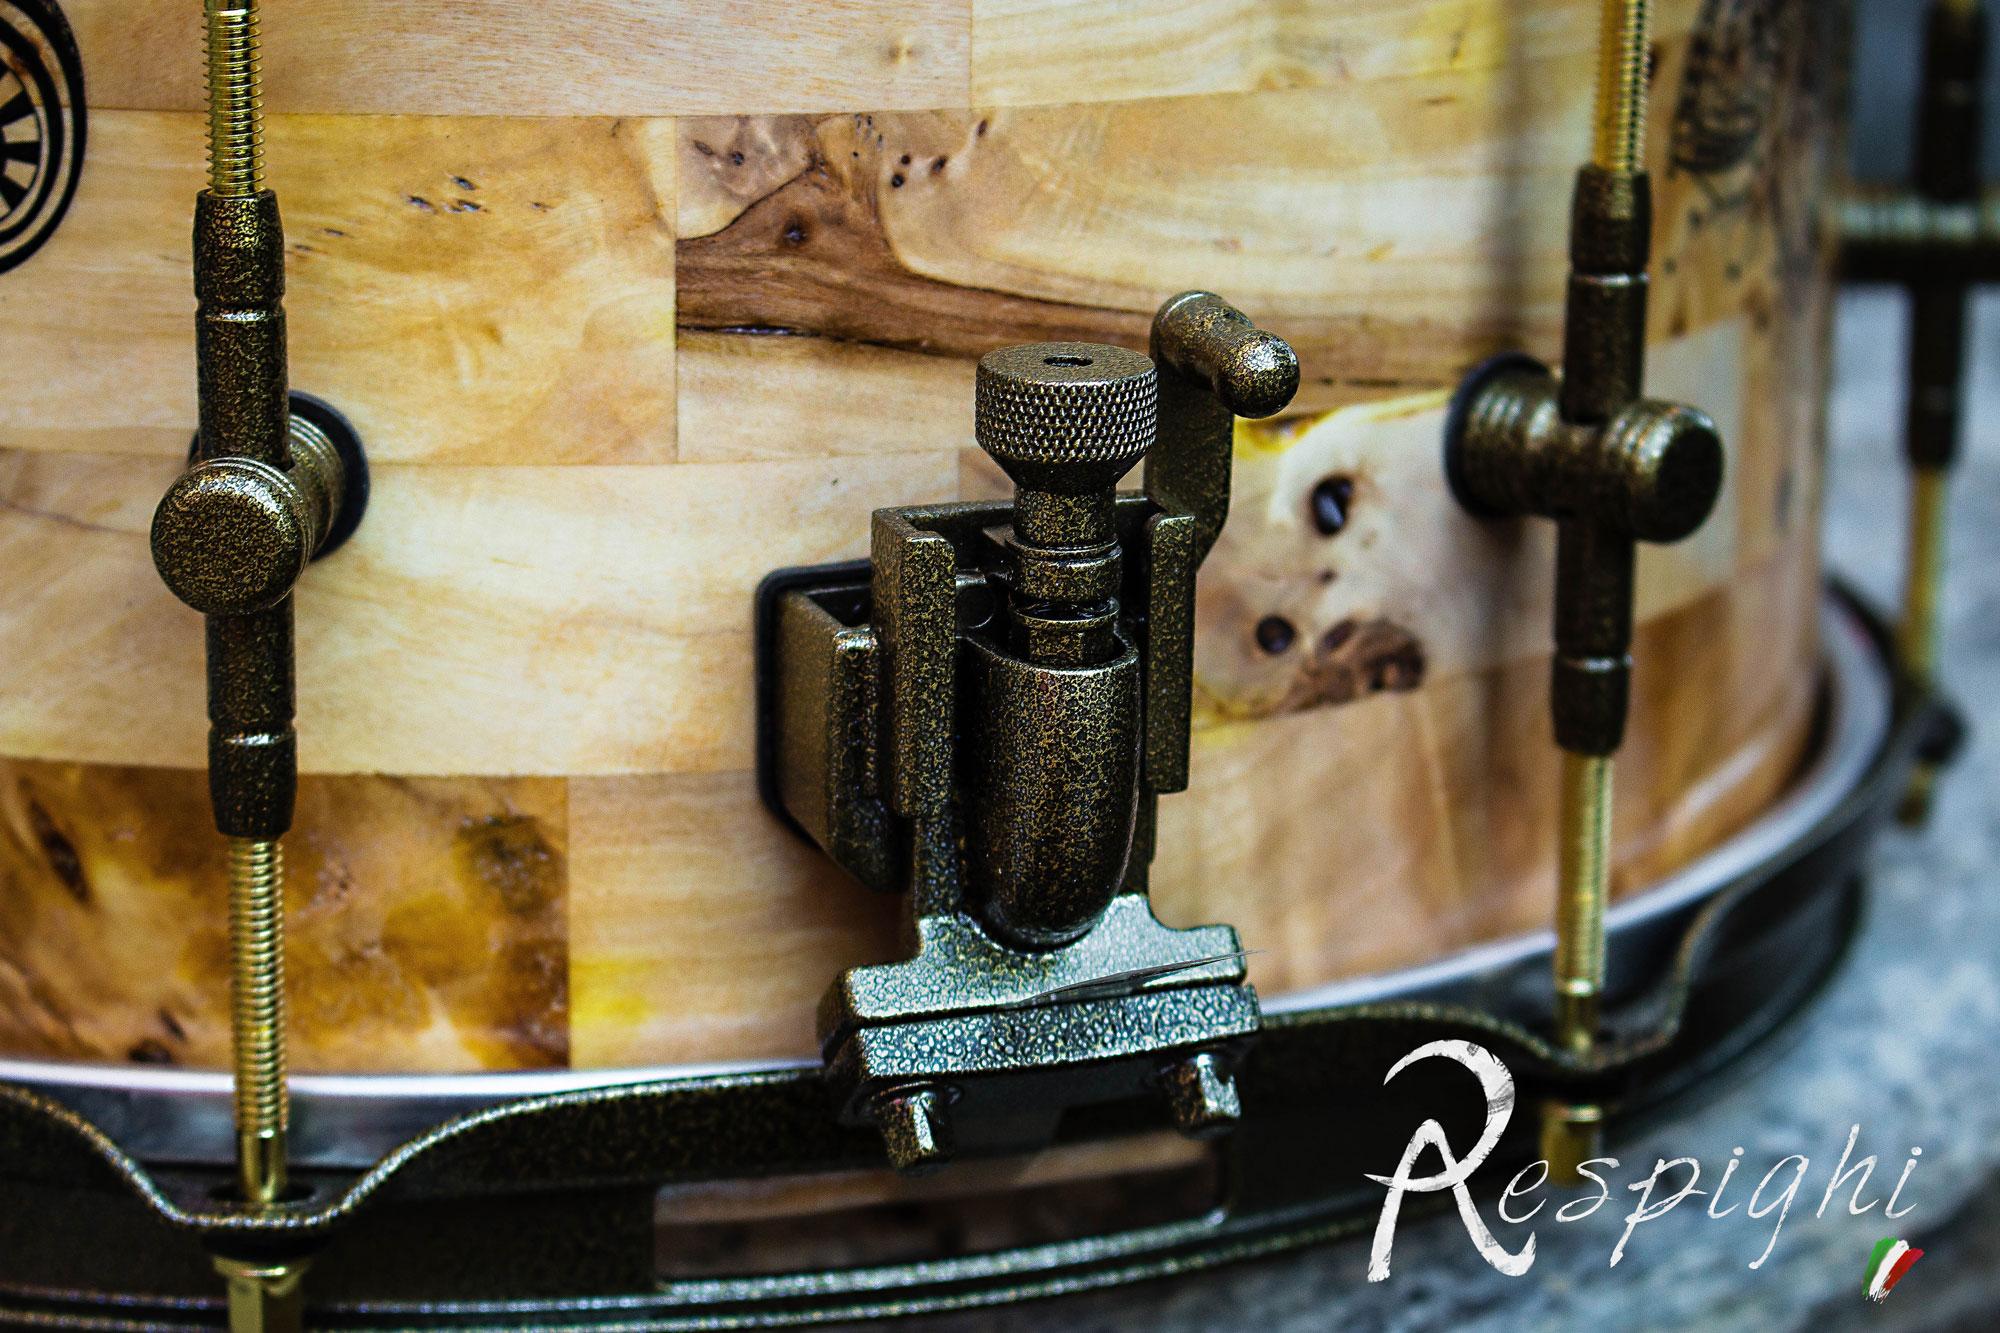 dettagli delle meccaniche anticata di un rullante in radica pioppo profondo 7